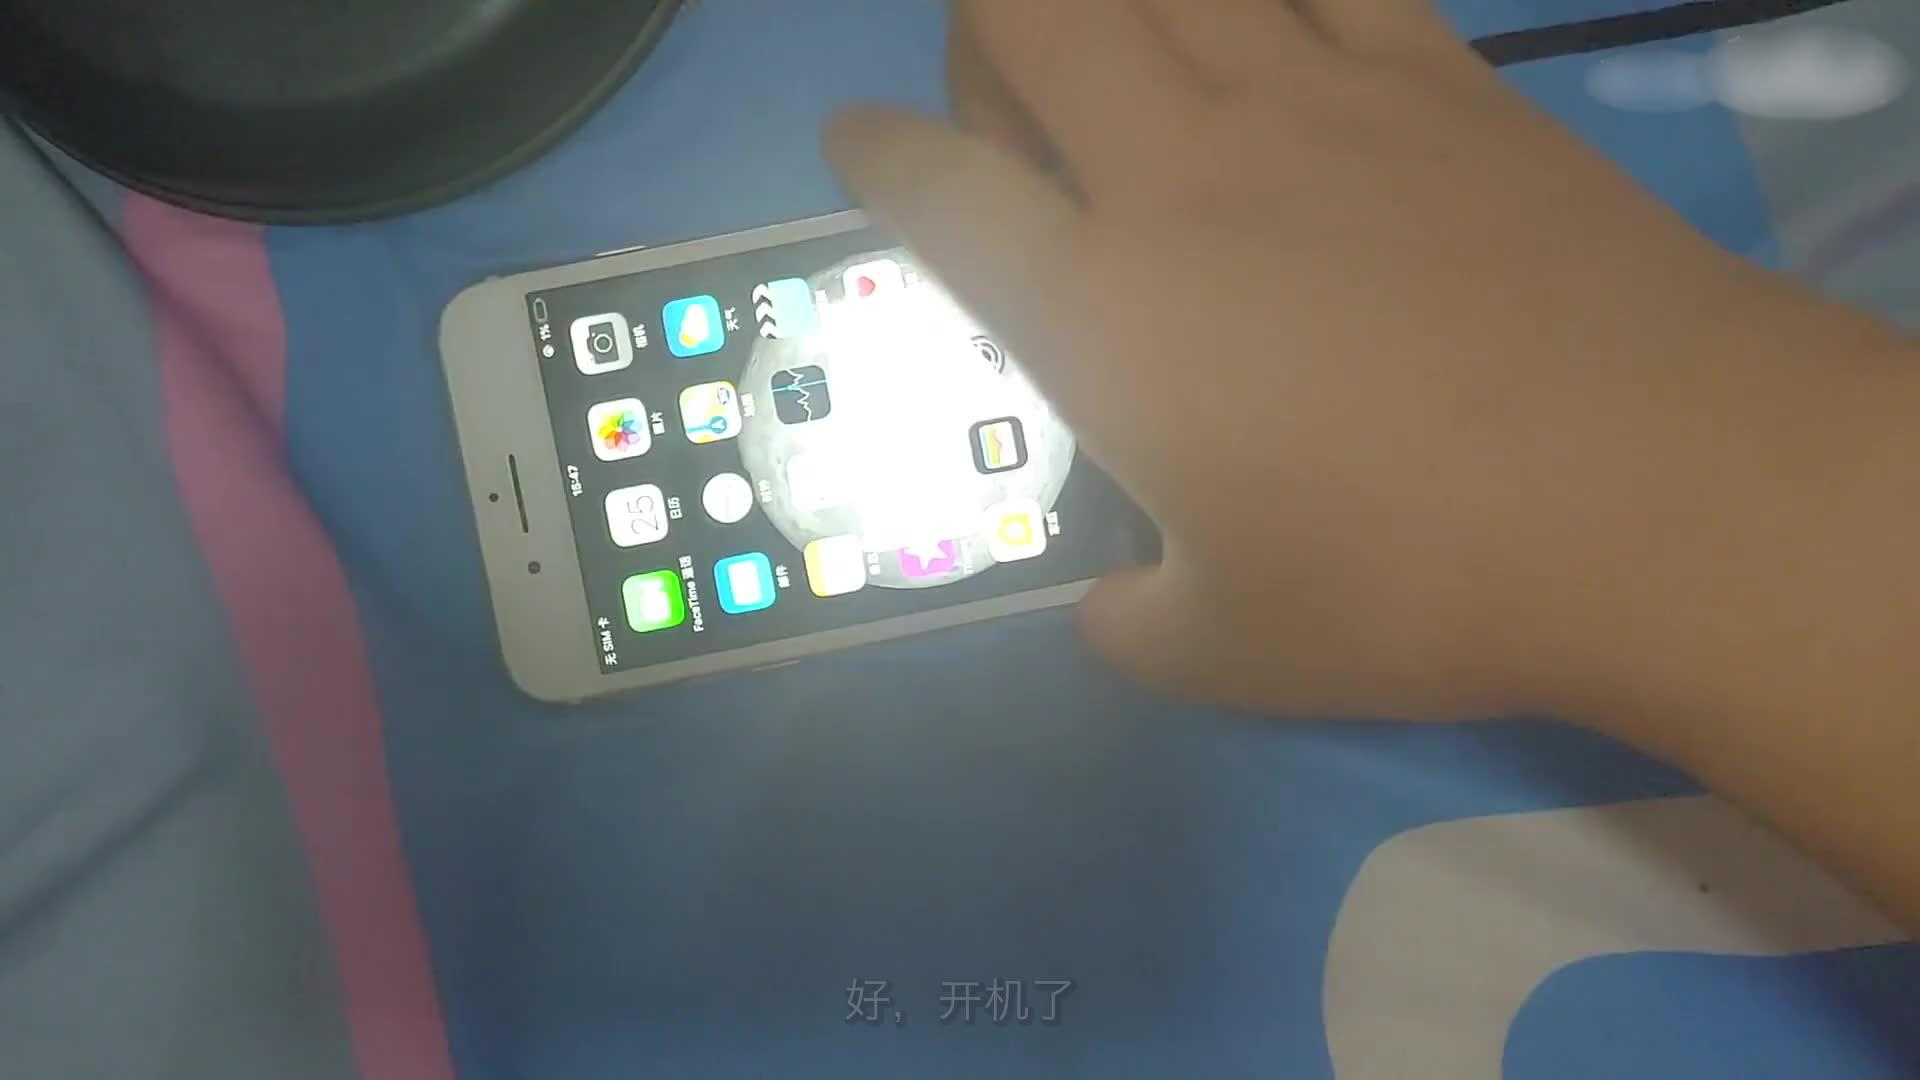 350元的iPhone7P开箱 开箱的那一瞬间 玩游戏还不是美滋滋